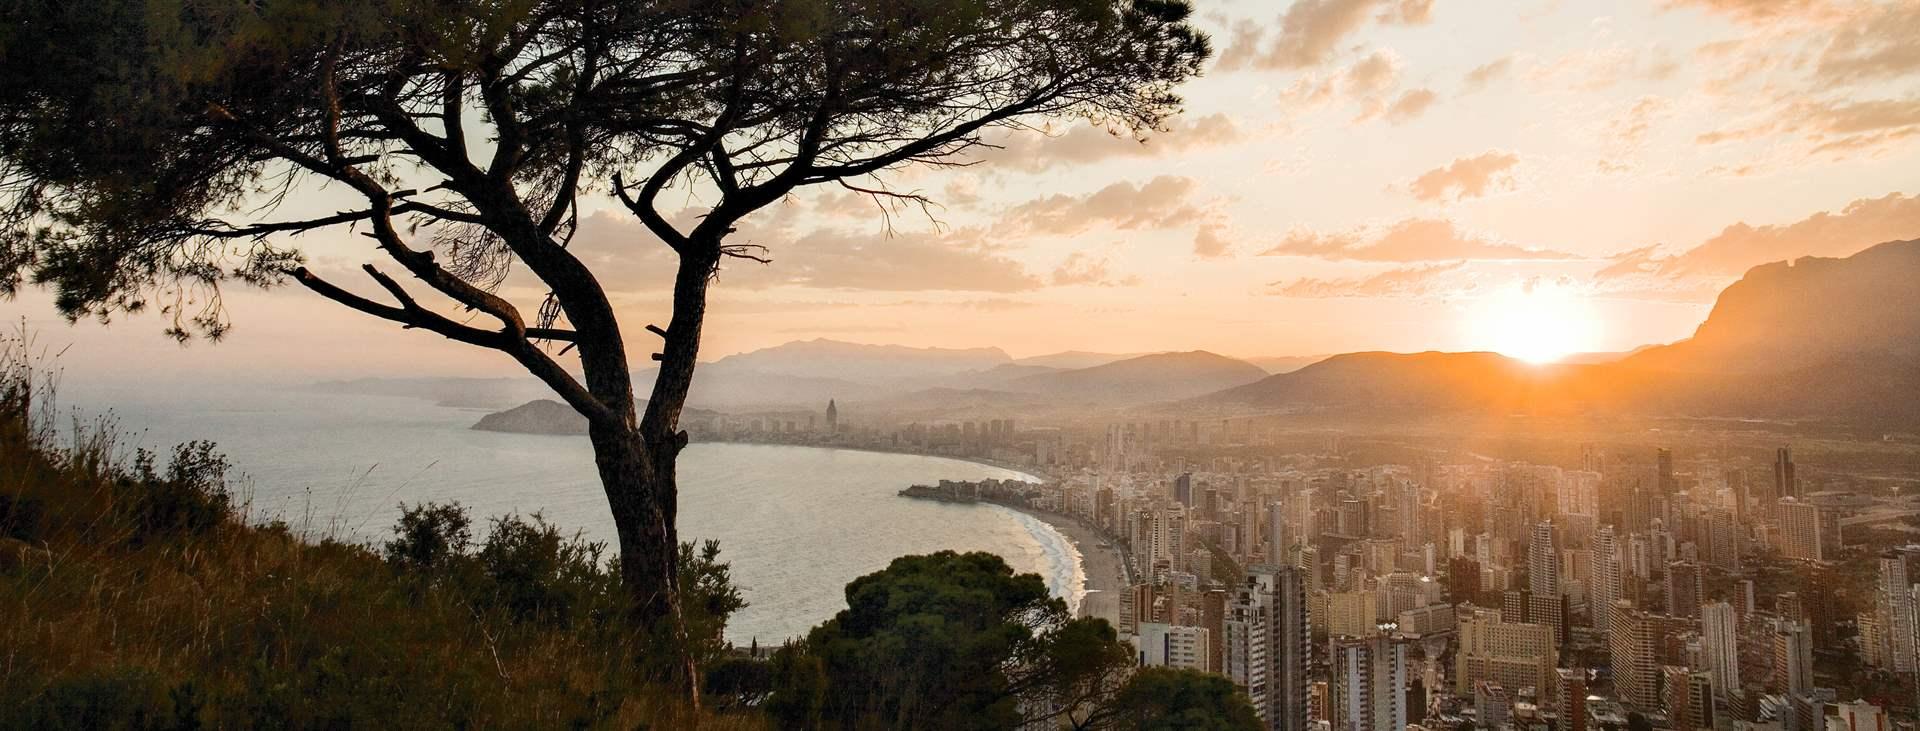 Bestill en reise med Ving til Benidorm i Spania